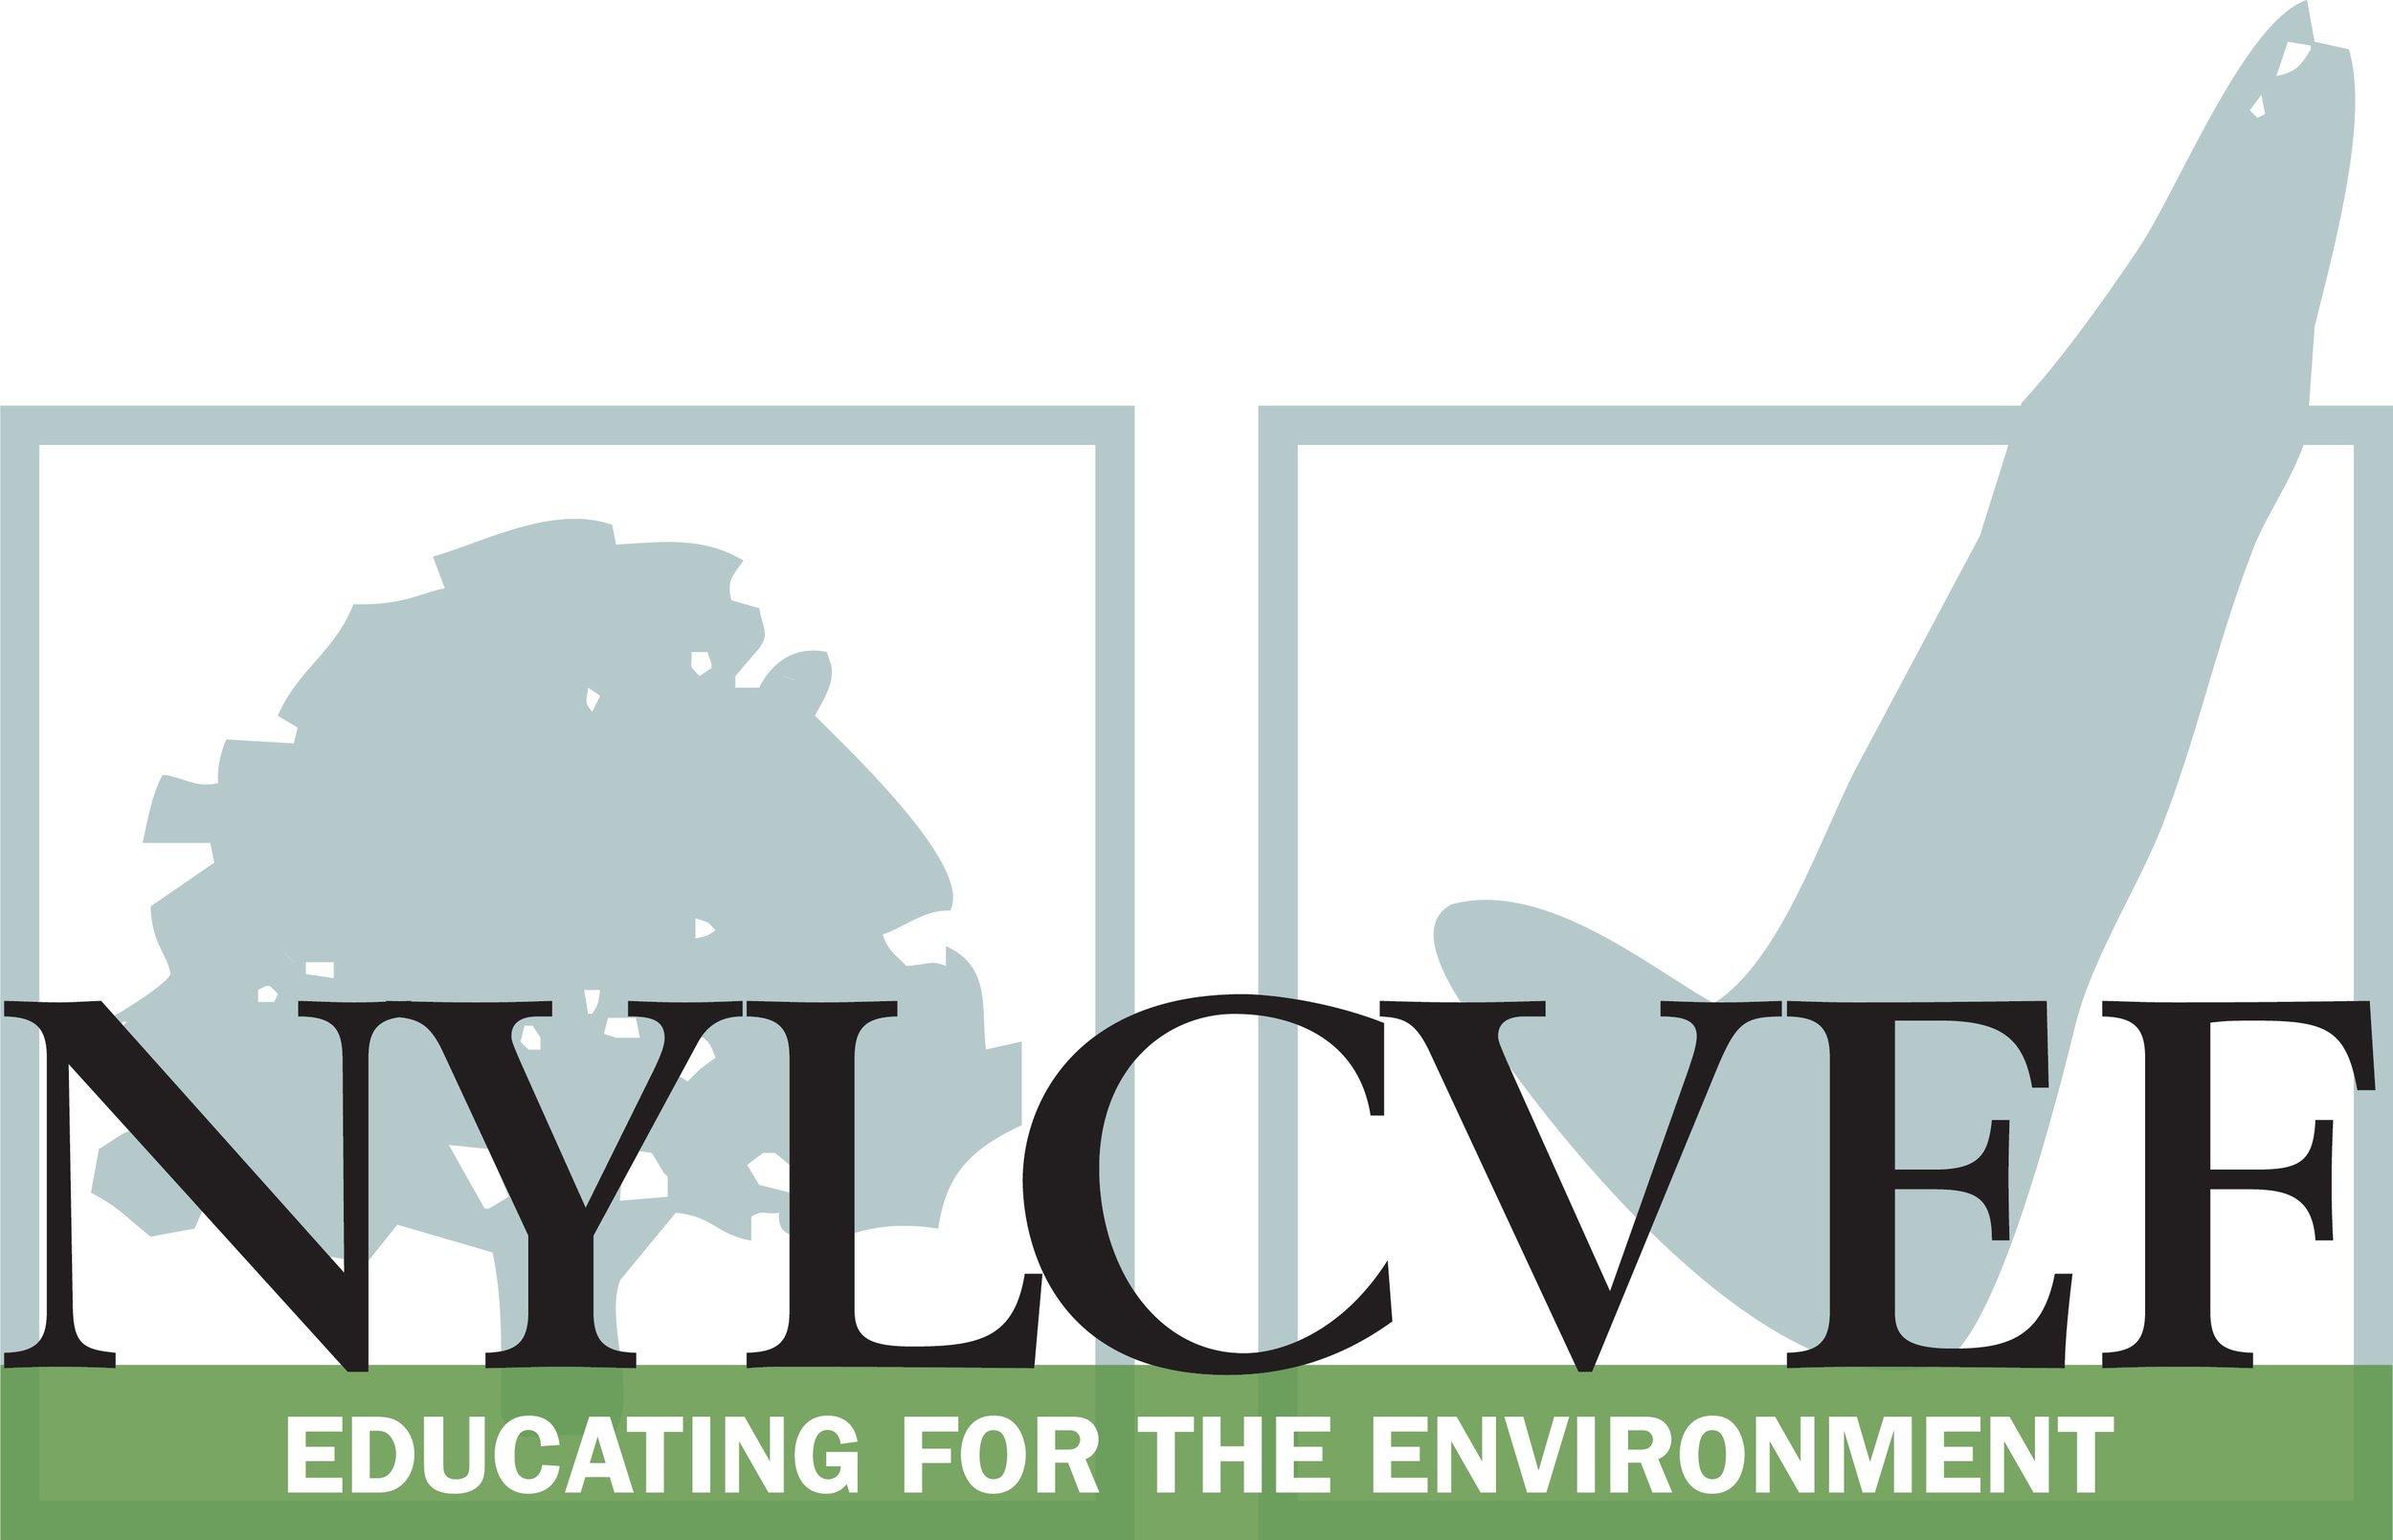 NYLCVEF logo.jpg